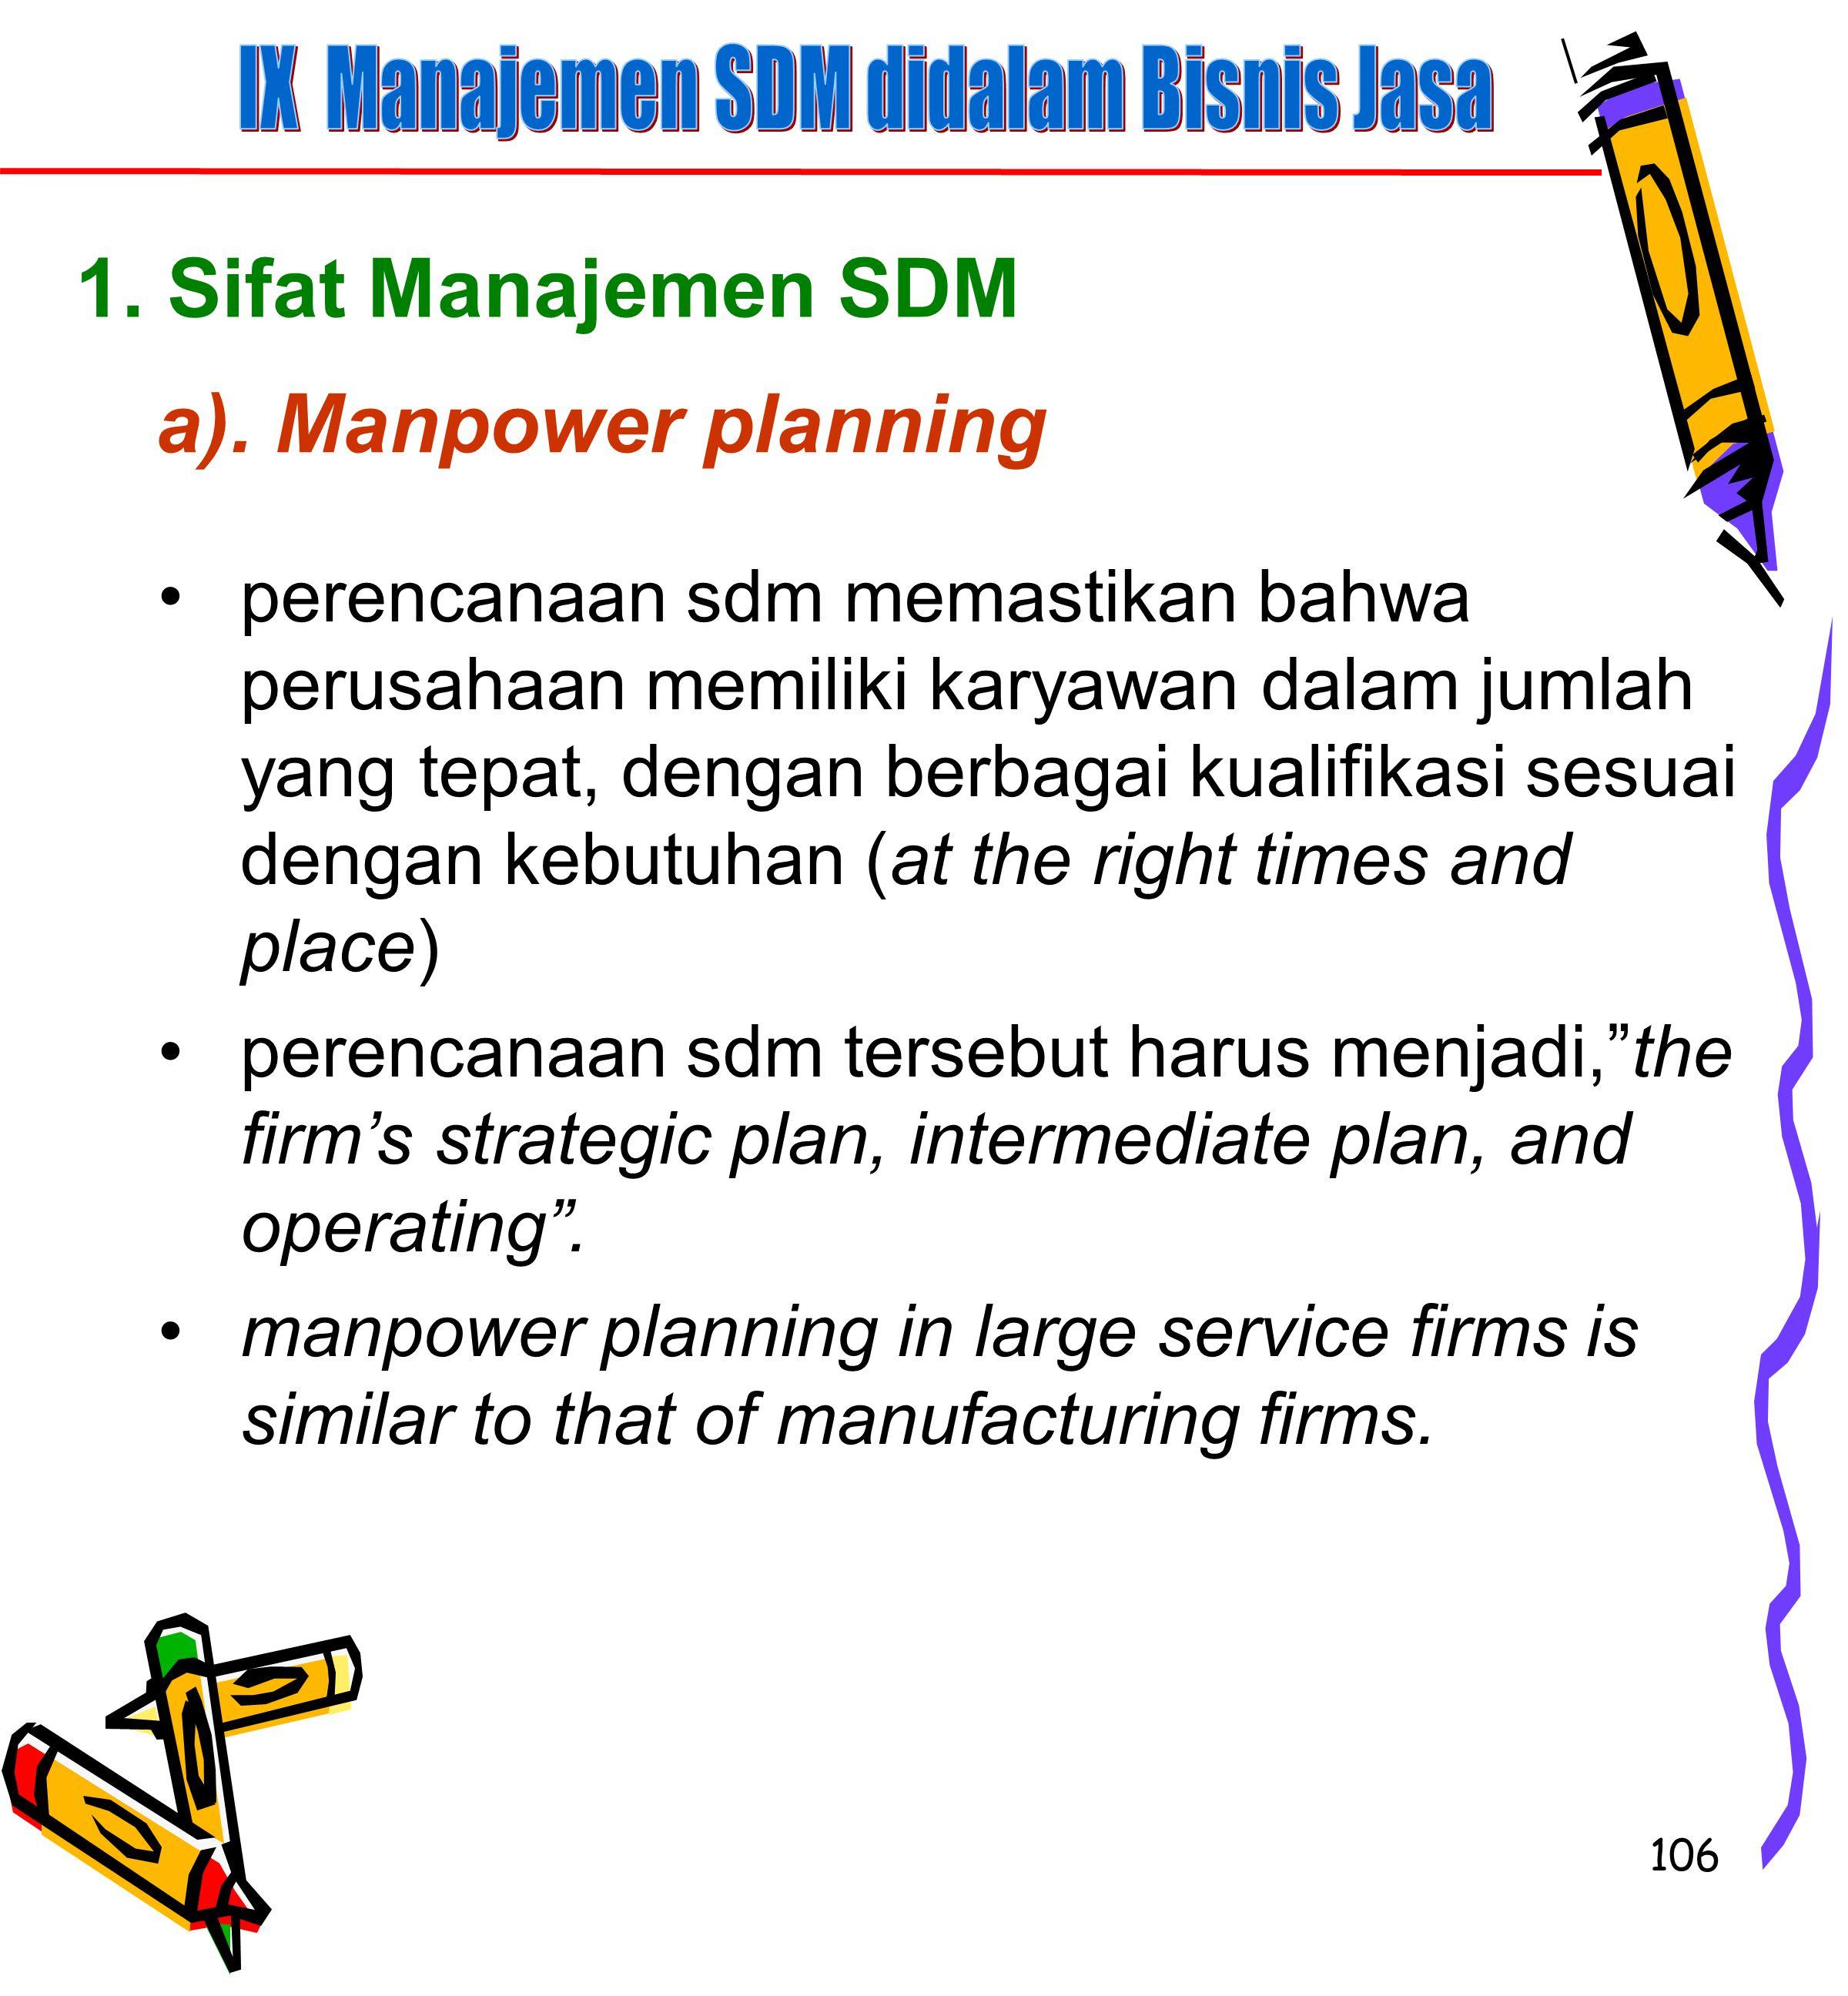 106 perencanaan sdm memastikan bahwa perusahaan memiliki karyawan dalam jumlah yang tepat, dengan berbagai kualifikasi sesuai dengan kebutuhan (at the right times and place) perencanaan sdm tersebut harus menjadi, the firm's strategic plan, intermediate plan, and operating .